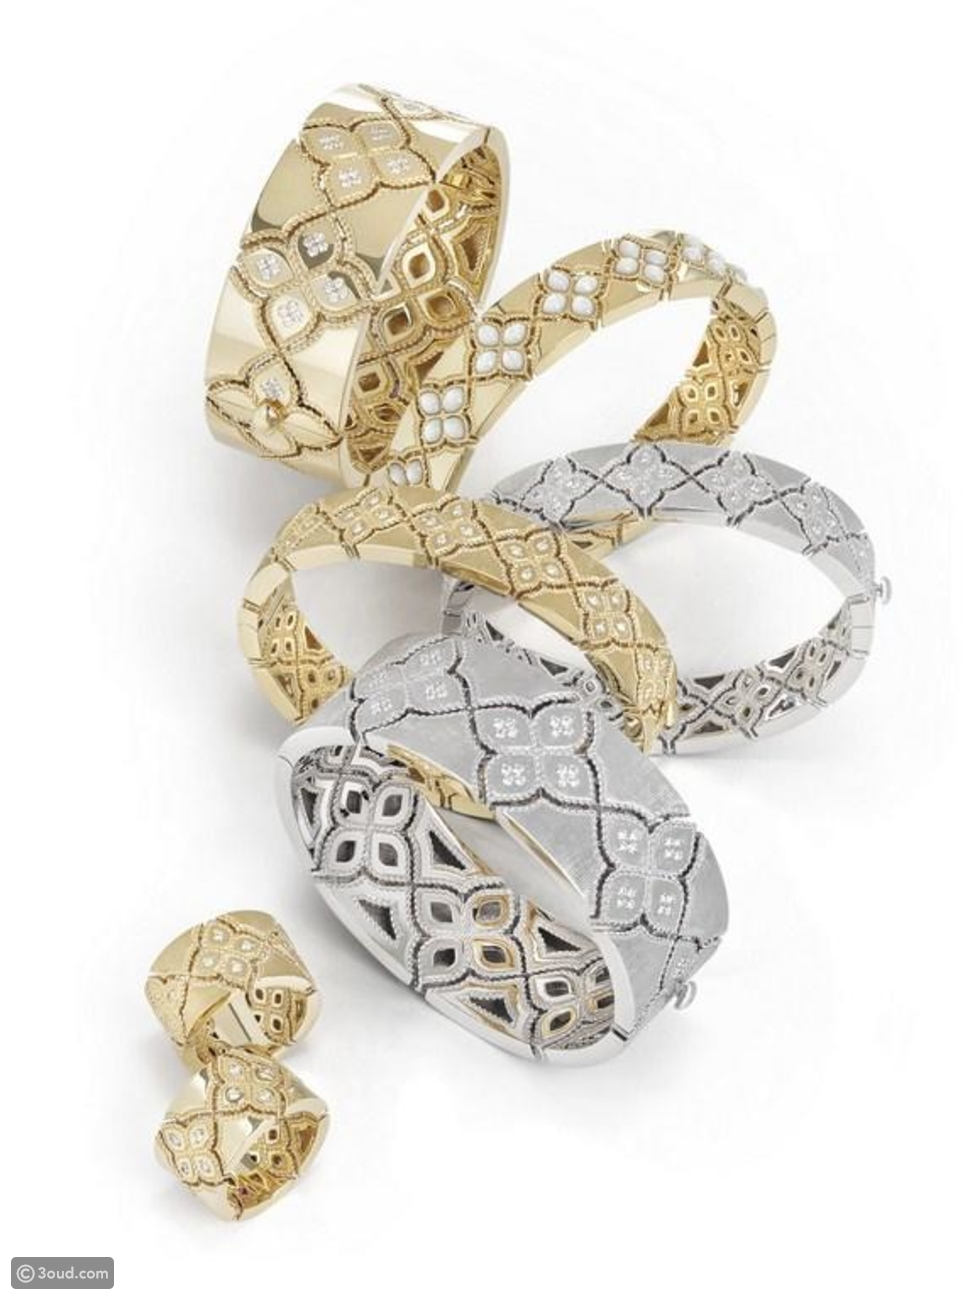 مجوهرات Venetian Princess قصّة خيالية من عالم روبيرتو كوين